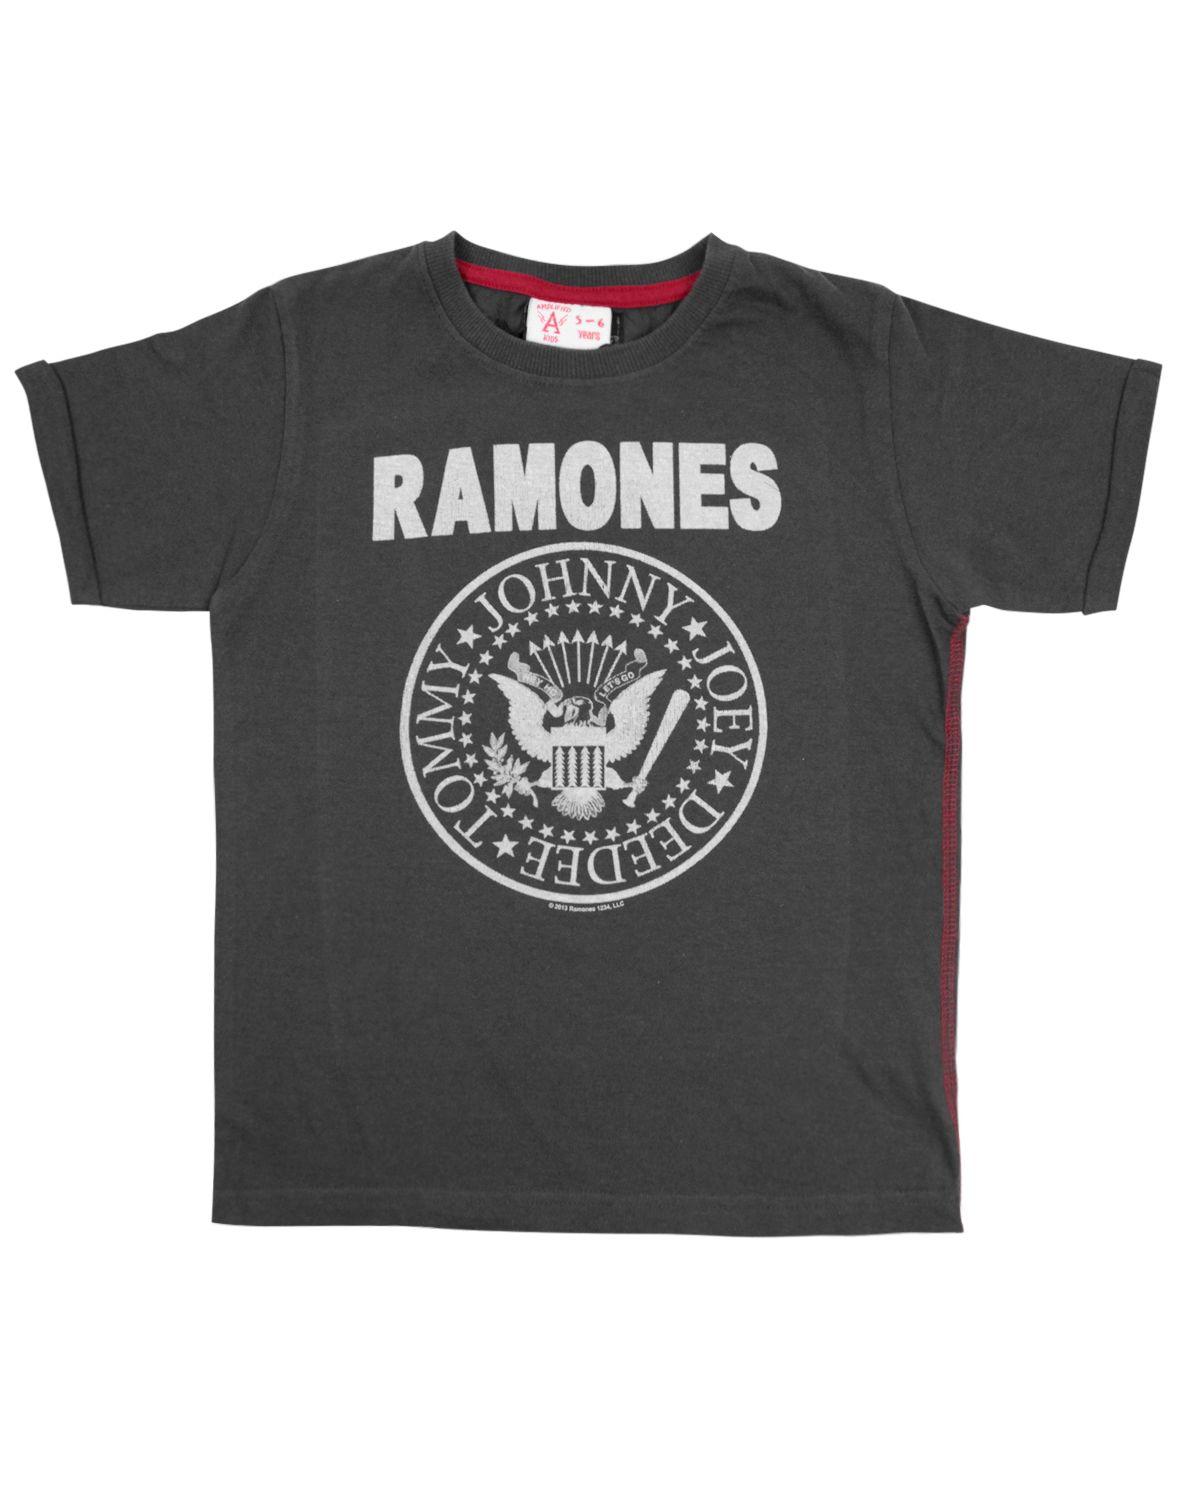 575668db6 Lynyrd Skynyrd Bring It On T-shirt | tees for the kids | Lynyrd Skynyrd,  Shirts, T shirt